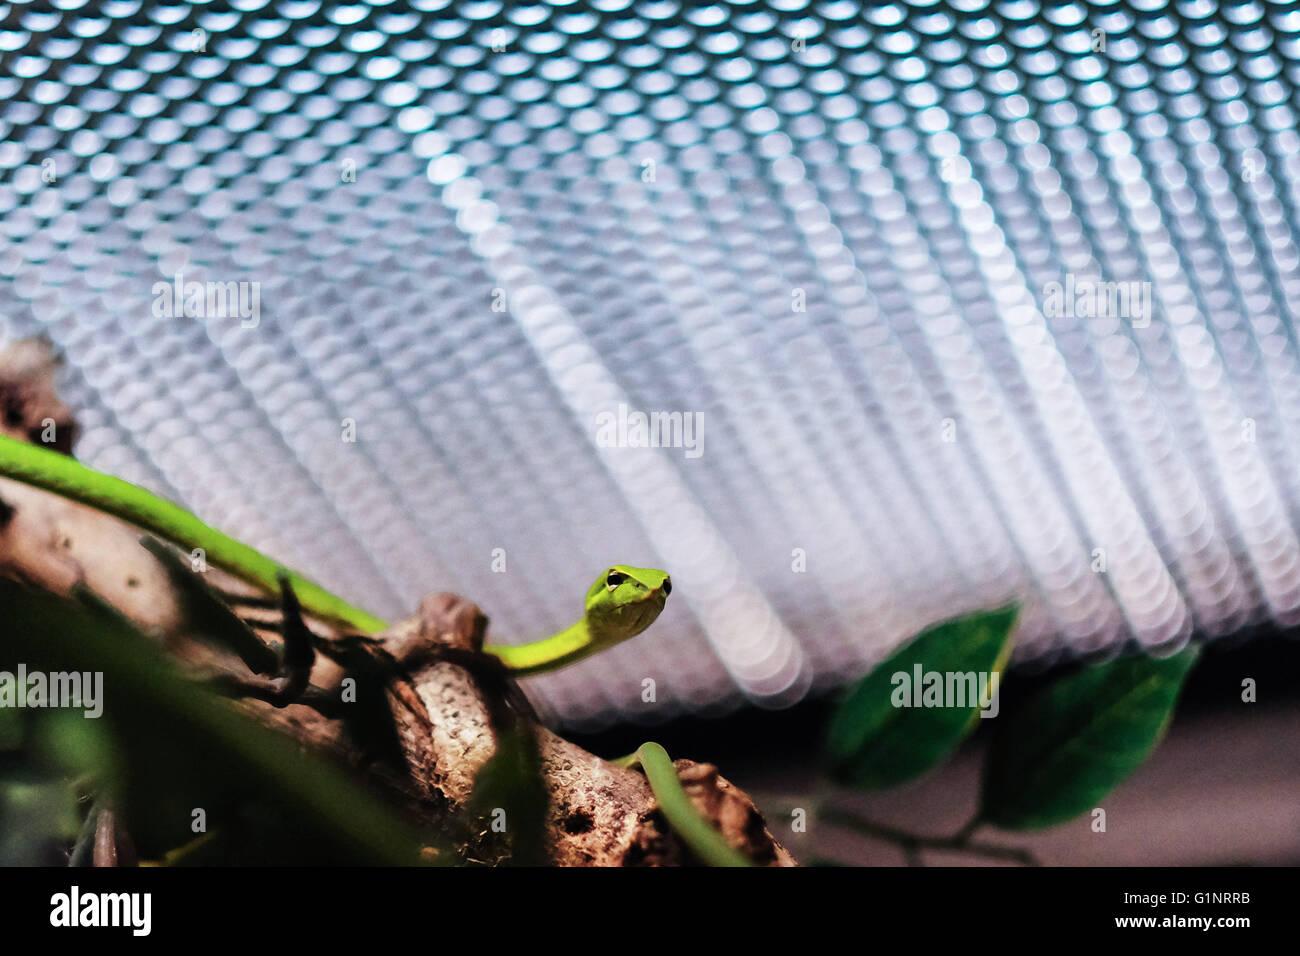 Bangkok, Tailandia. Il 17 maggio 2016. Un a becco lungo serpente a frusta è visto alla Regina Saovabha Memorial dell istituto museo di serpente a Bangkok, Thailandia, 17 maggio 2016. Fondata nel 1922, la Regina Saovabha Memorial Institute è una grande organizzazione di ricerca in Thailandia che si specializza in rabbia e tossine di origine animale. Presso l'istituto del museo di serpente, i visitatori potranno vedere decine di velenose e non di serpenti velenosi razze così come imparare i trattamenti di emergenza per i morsi di serpente. © Li Mangmang/Xinhua/Alamy Live News Foto Stock